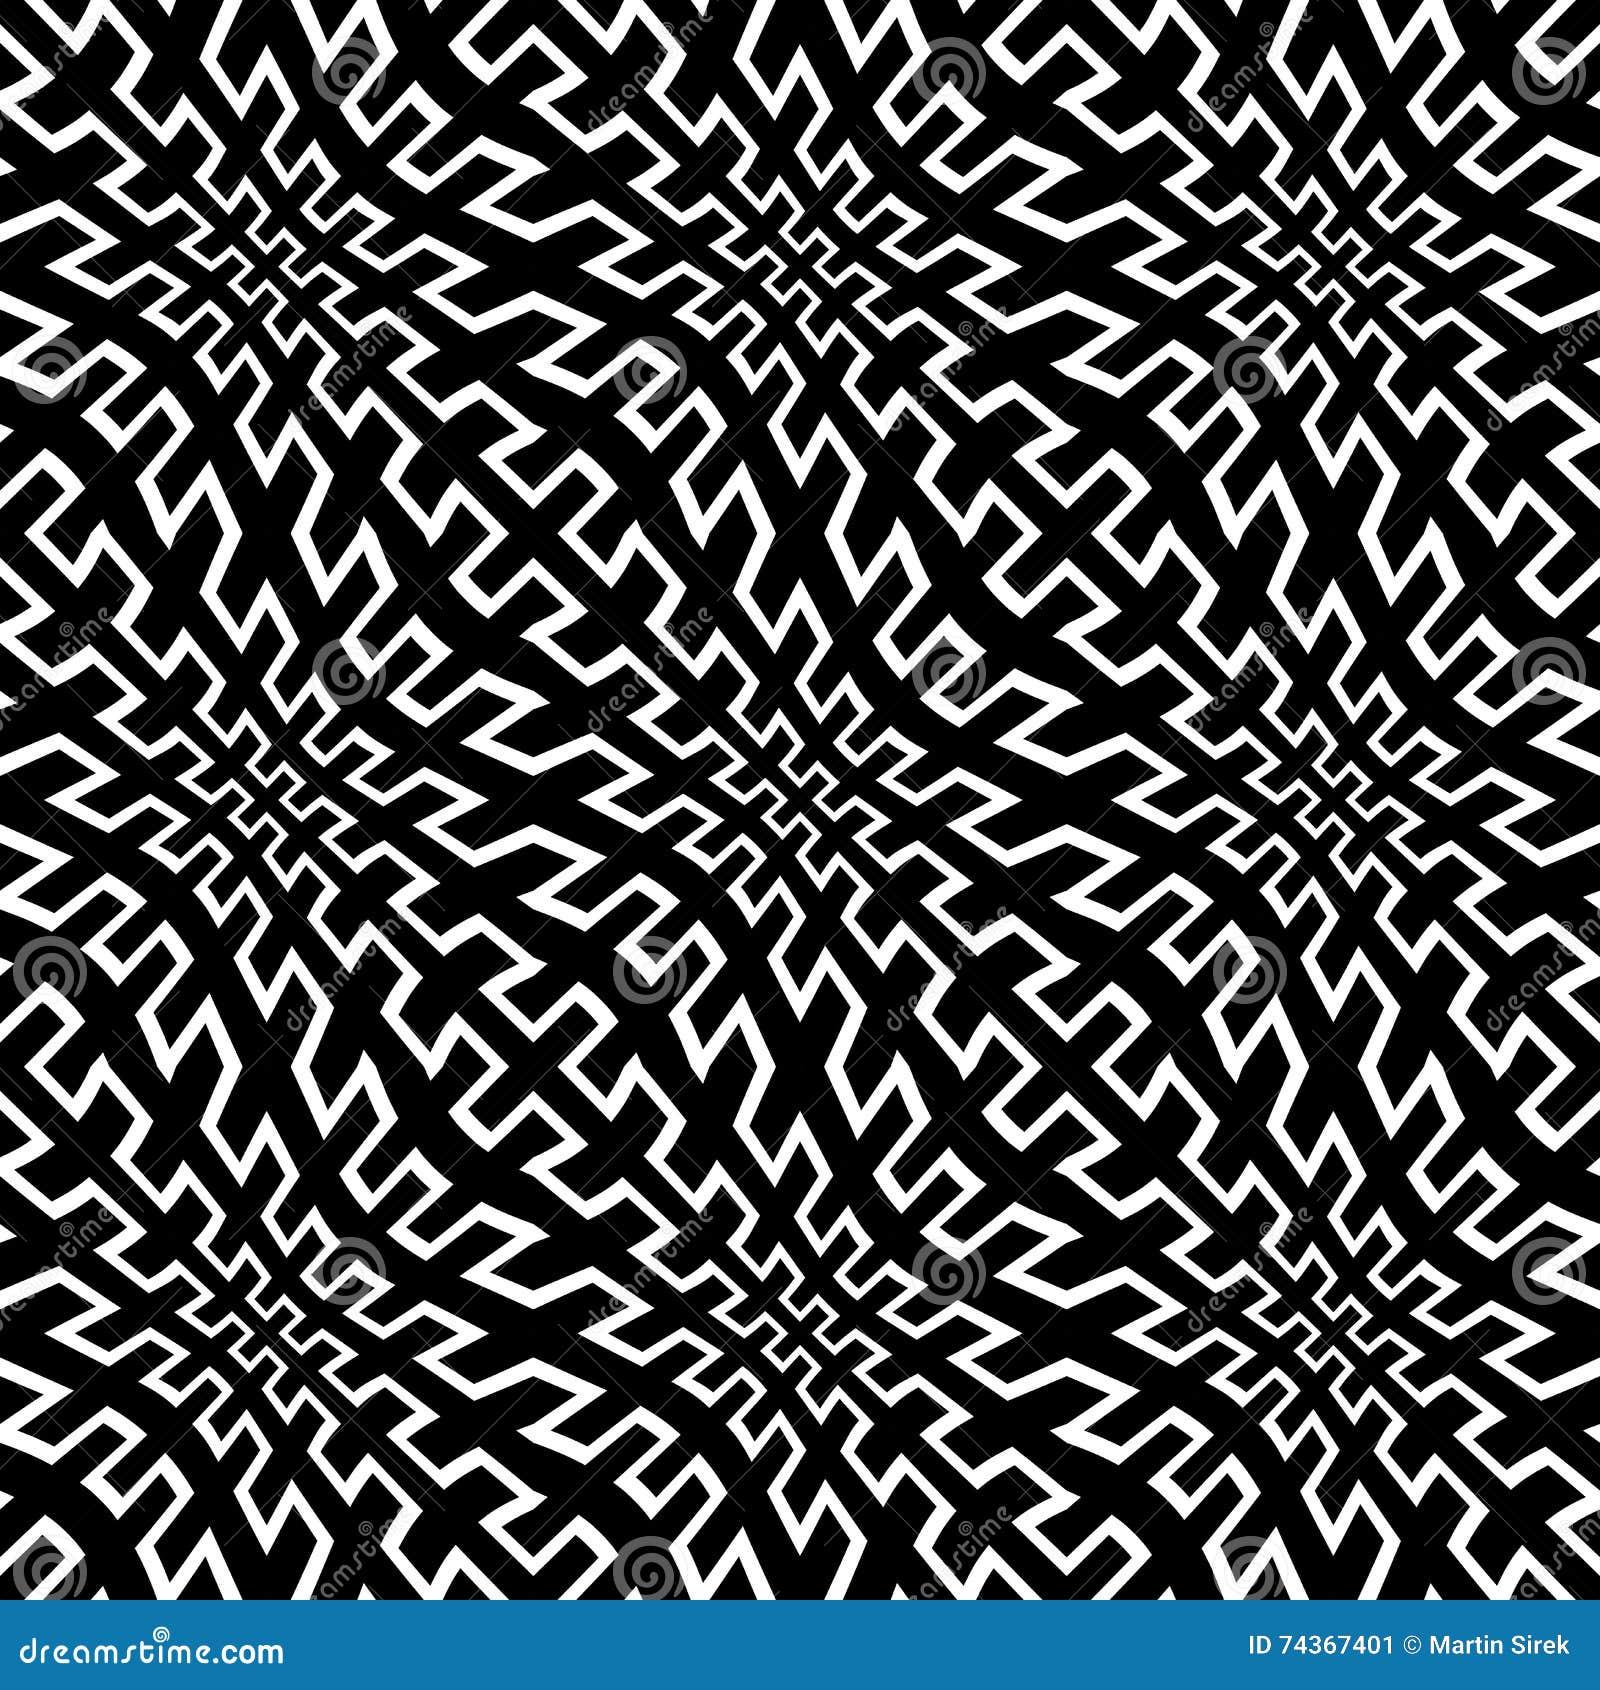 blumenmuster der modernen abstrakten geometrie des vektors. Black Bedroom Furniture Sets. Home Design Ideas